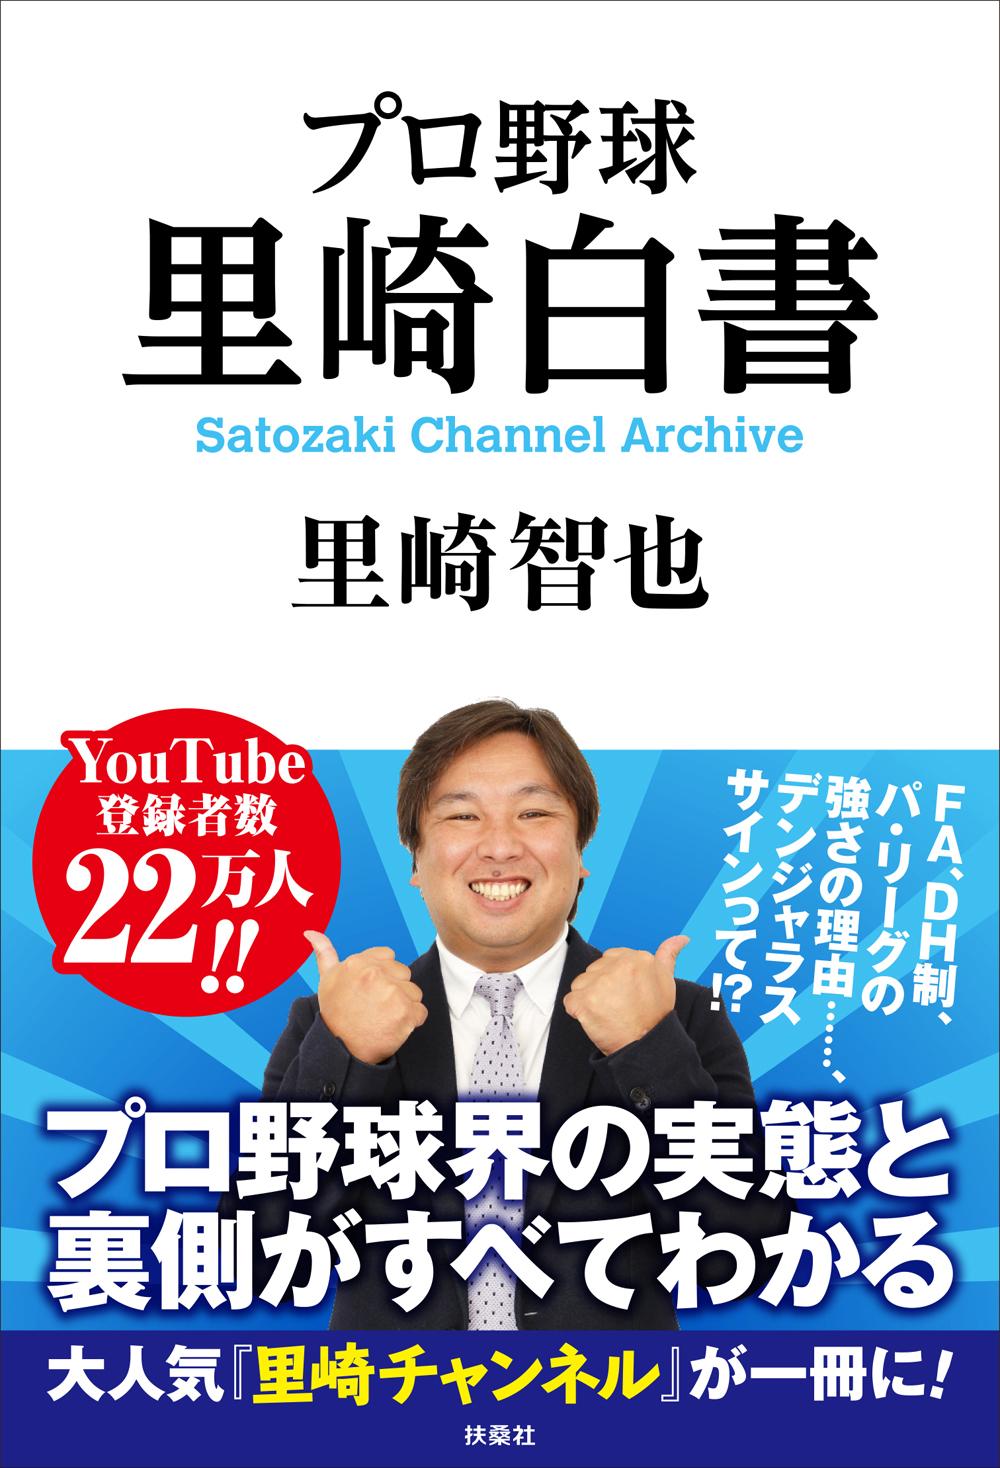 プロ野球界の実態が分かる大人気YouTube『里崎チャンネル』が一冊に! 『プロ野球 里崎白書』を3名様にプレゼント!